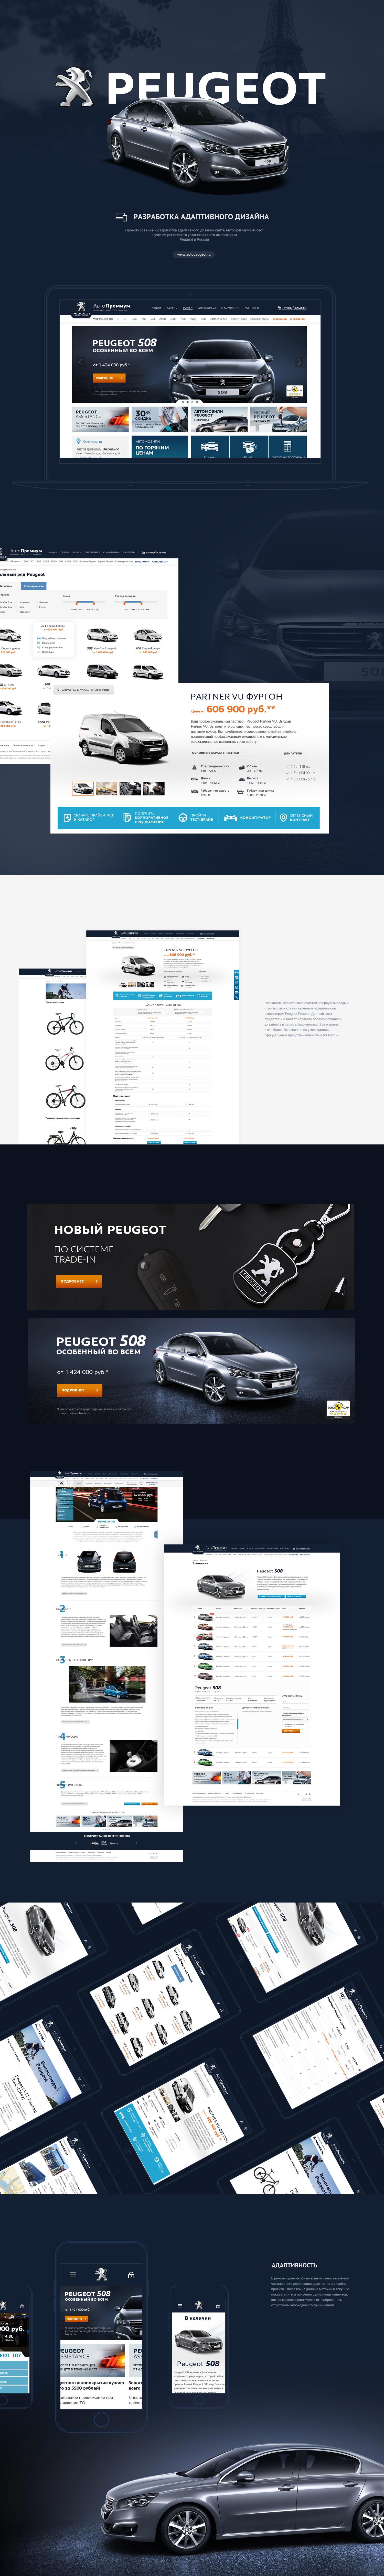 Peugeot - адаптивный дизайн сайта официального дилера АвтоПремиум Peugeot в России